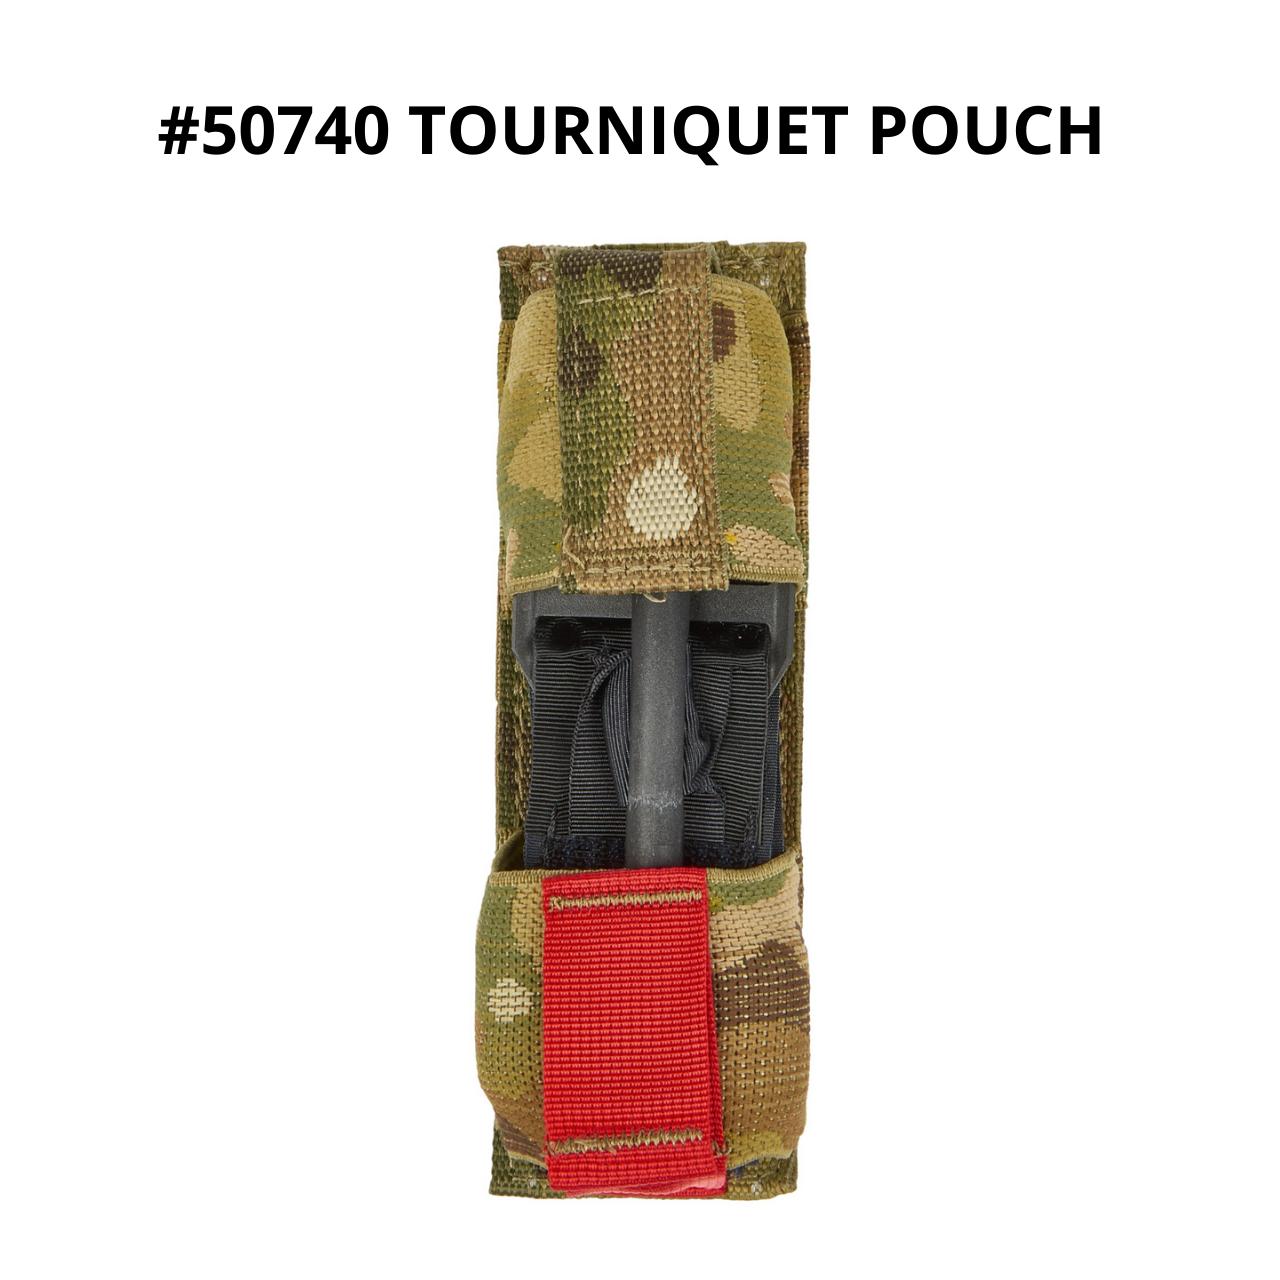 50740 tourniquet pouch